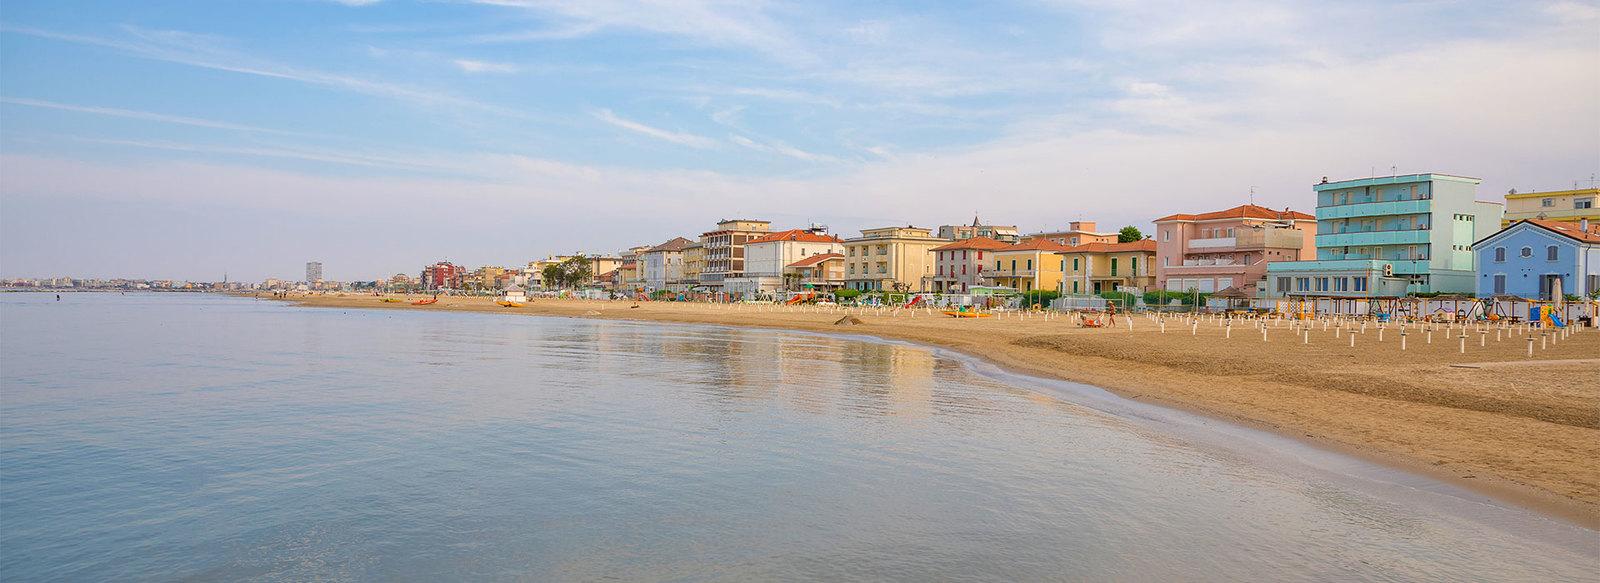 Semplice ed essenziale, nella Riviera Romagnola